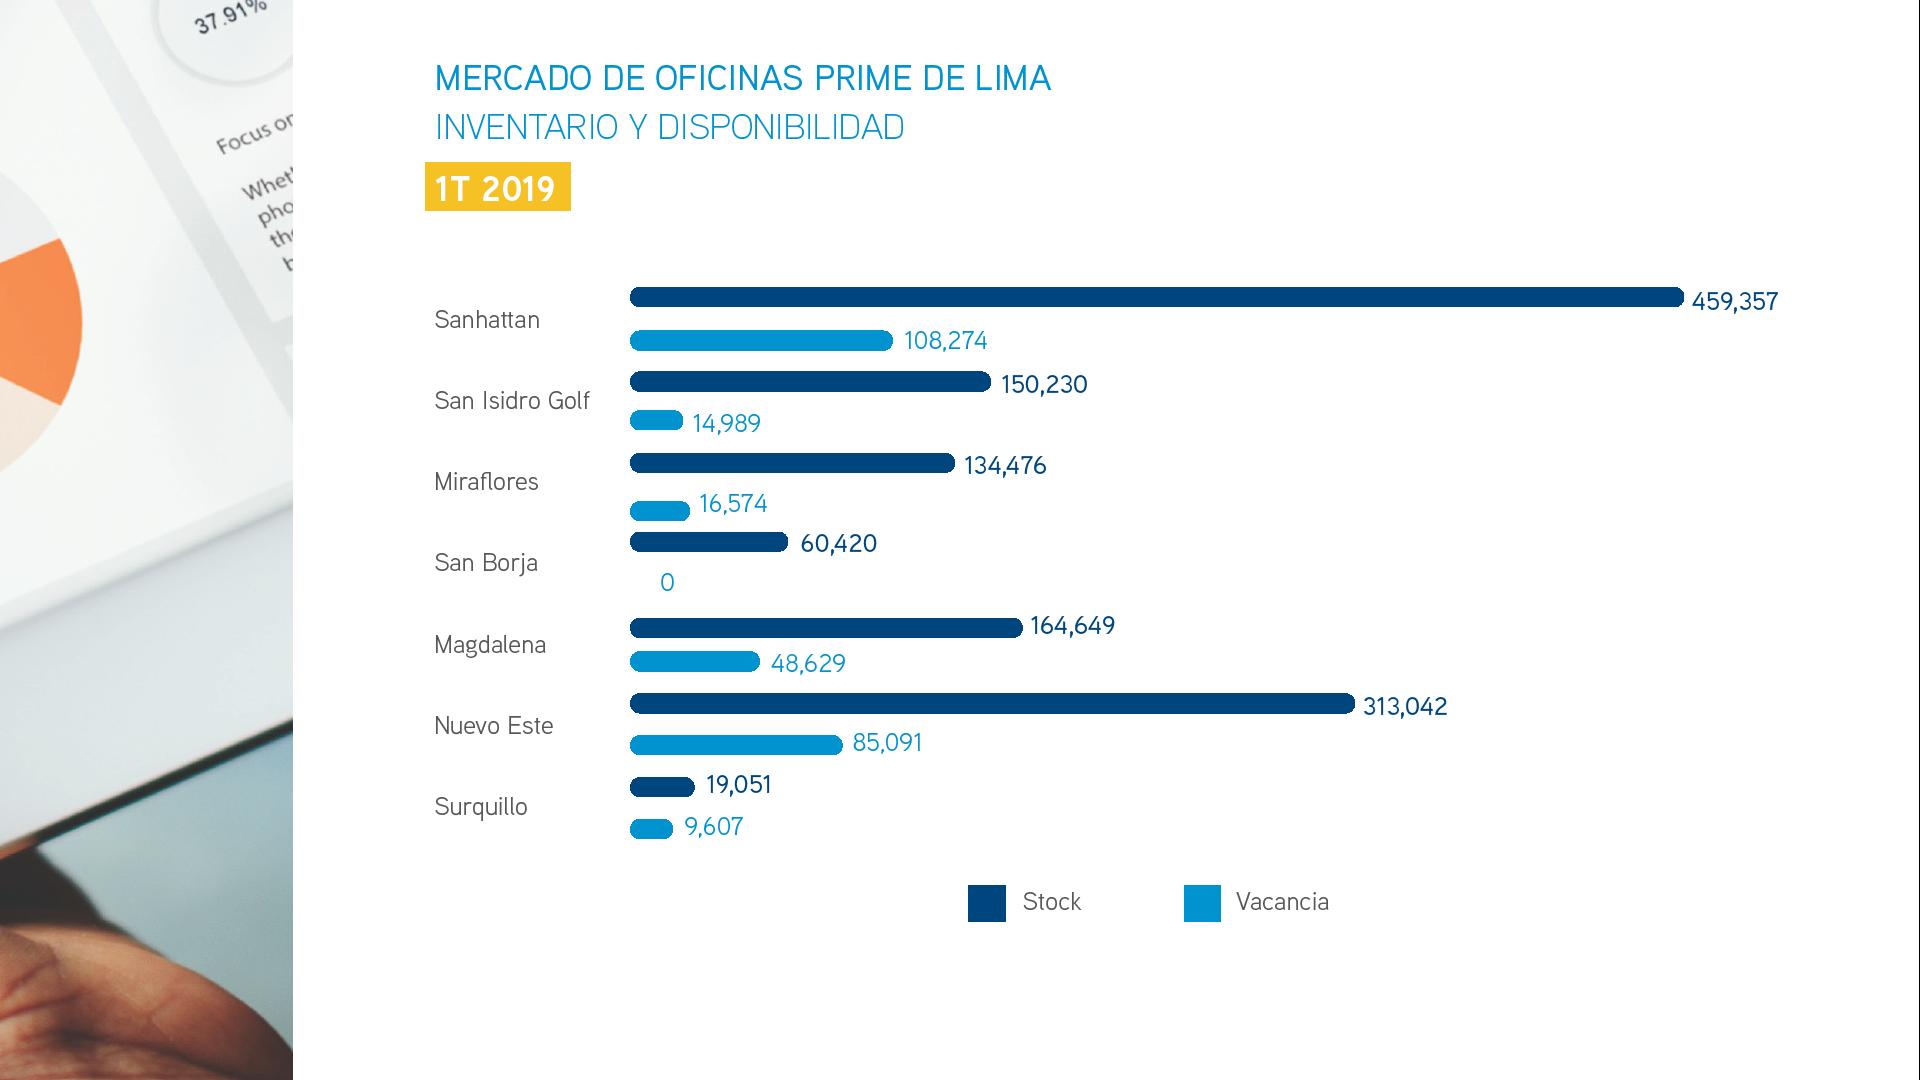 Inventario y disponibilidad de oficinas prime en Lima